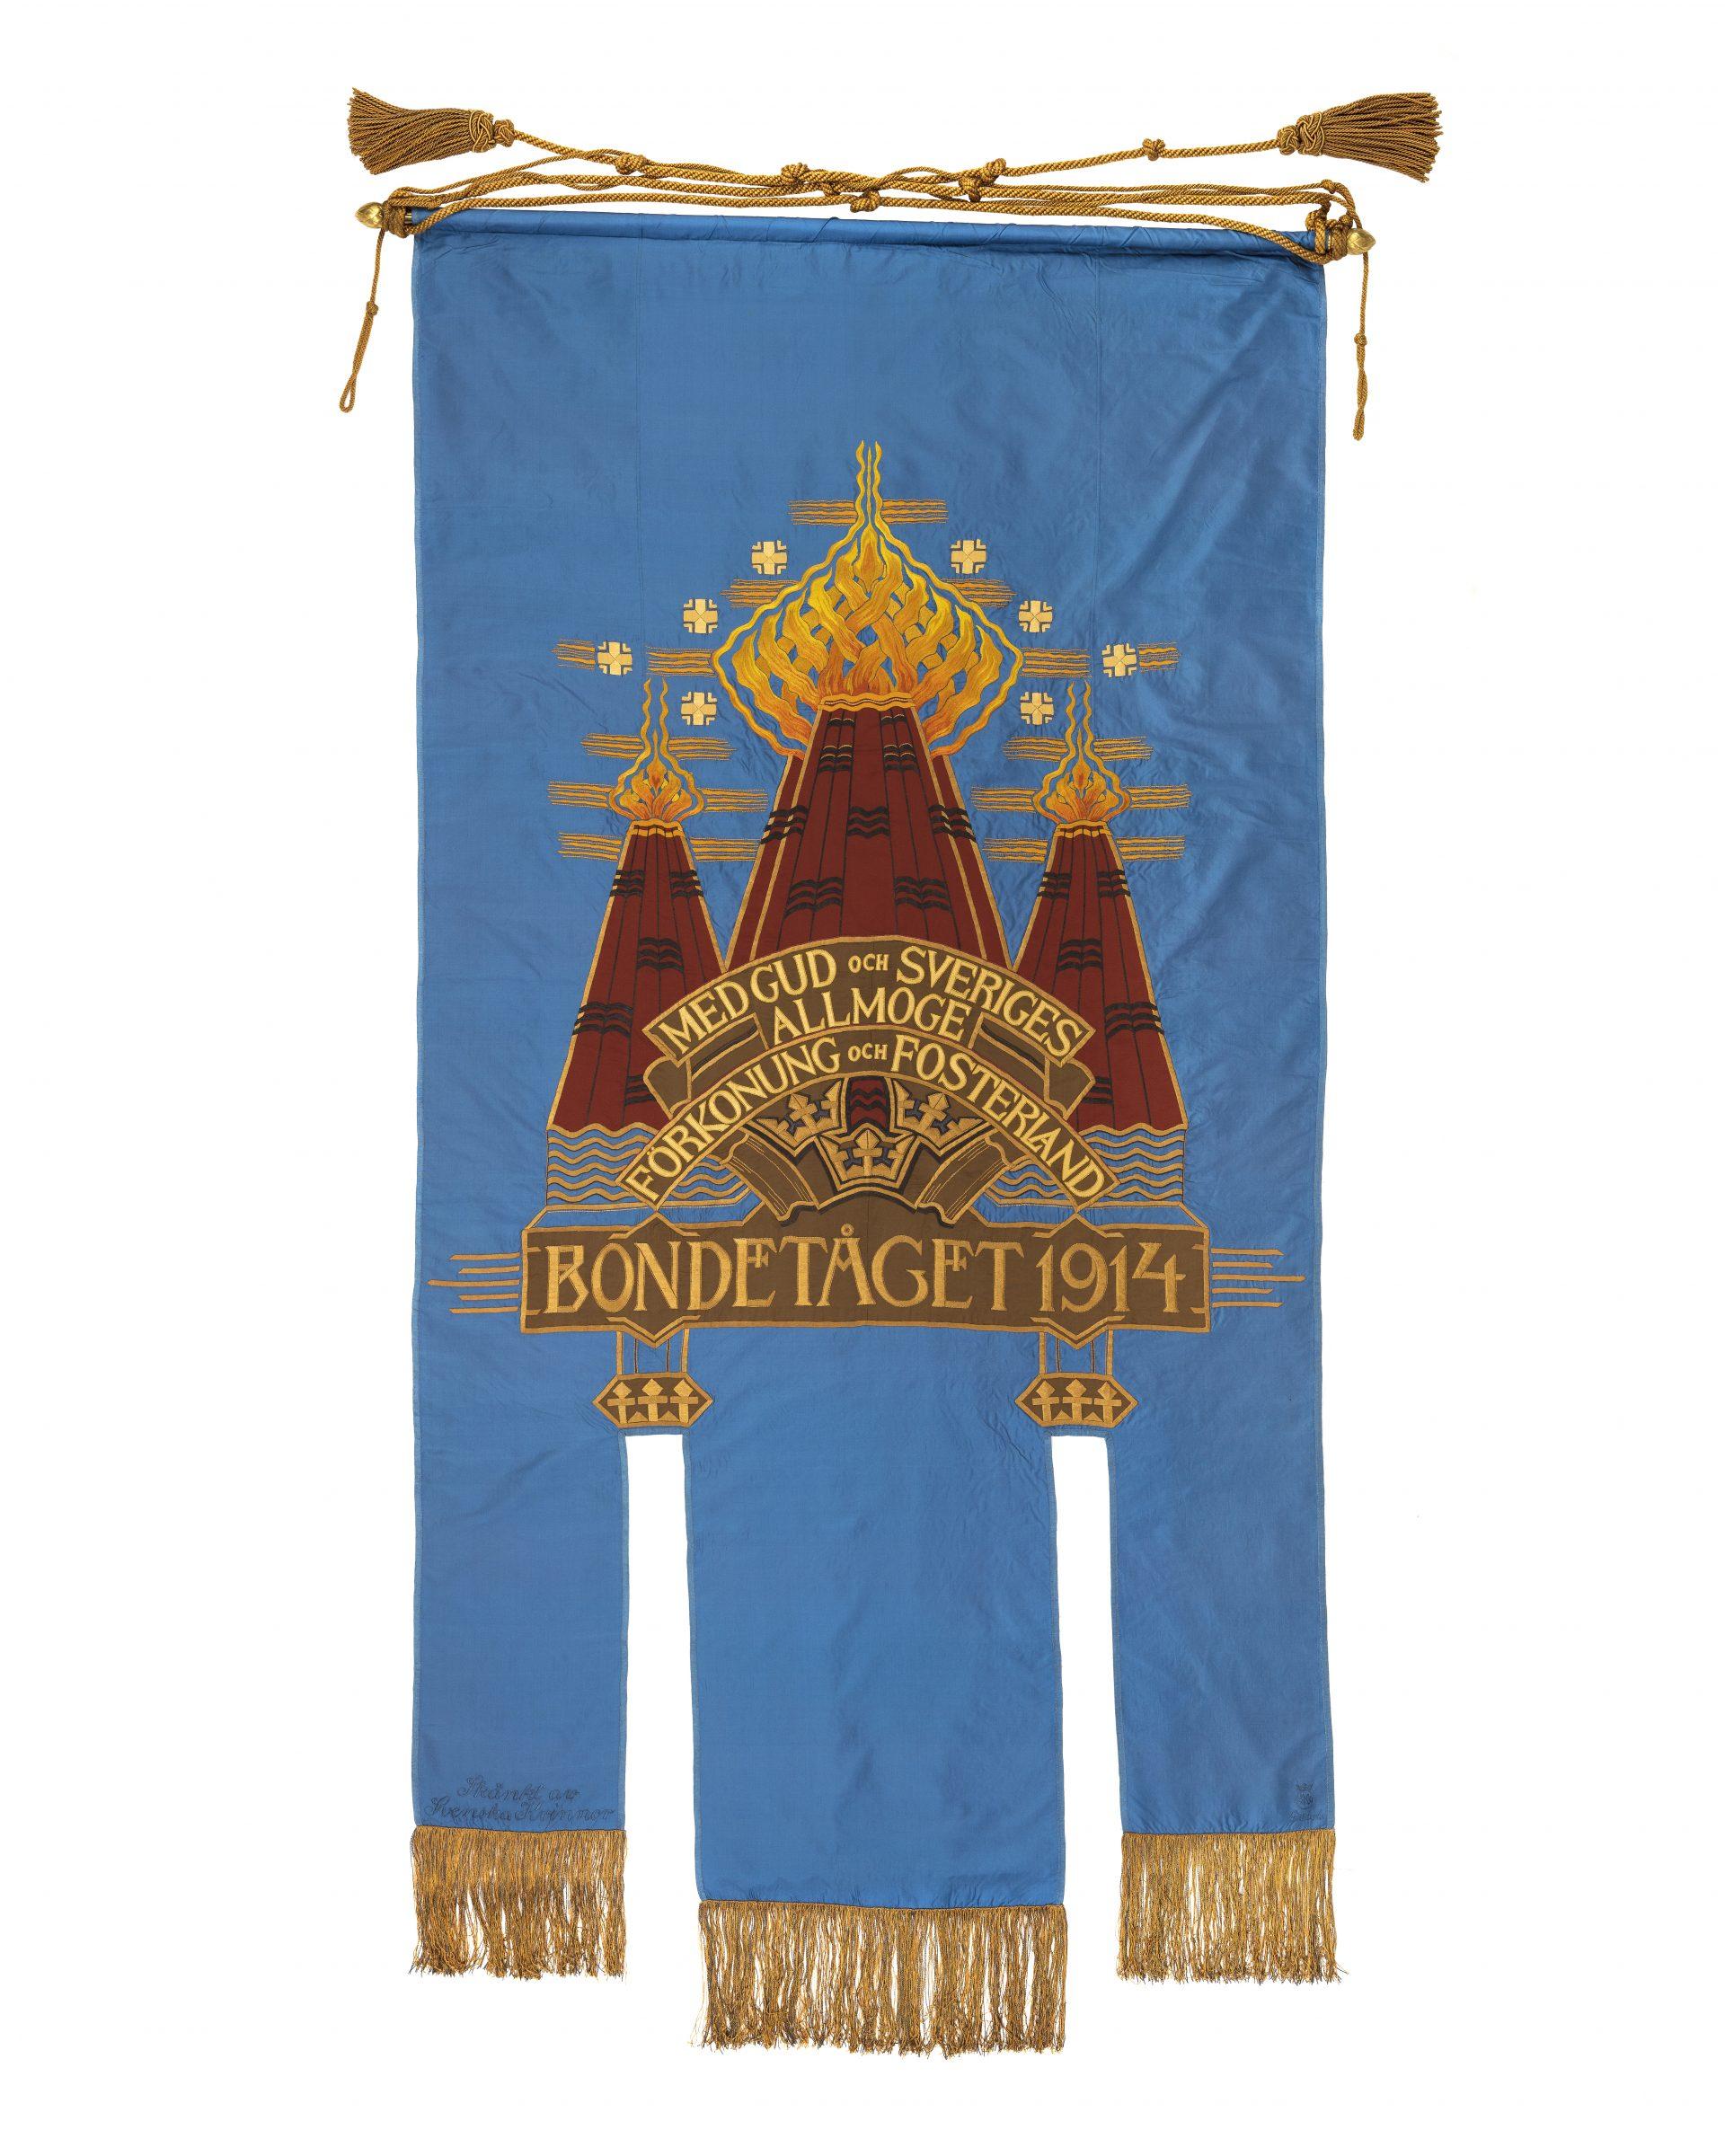 En blå fana med Bondetåget 1914 broderat i mitten.